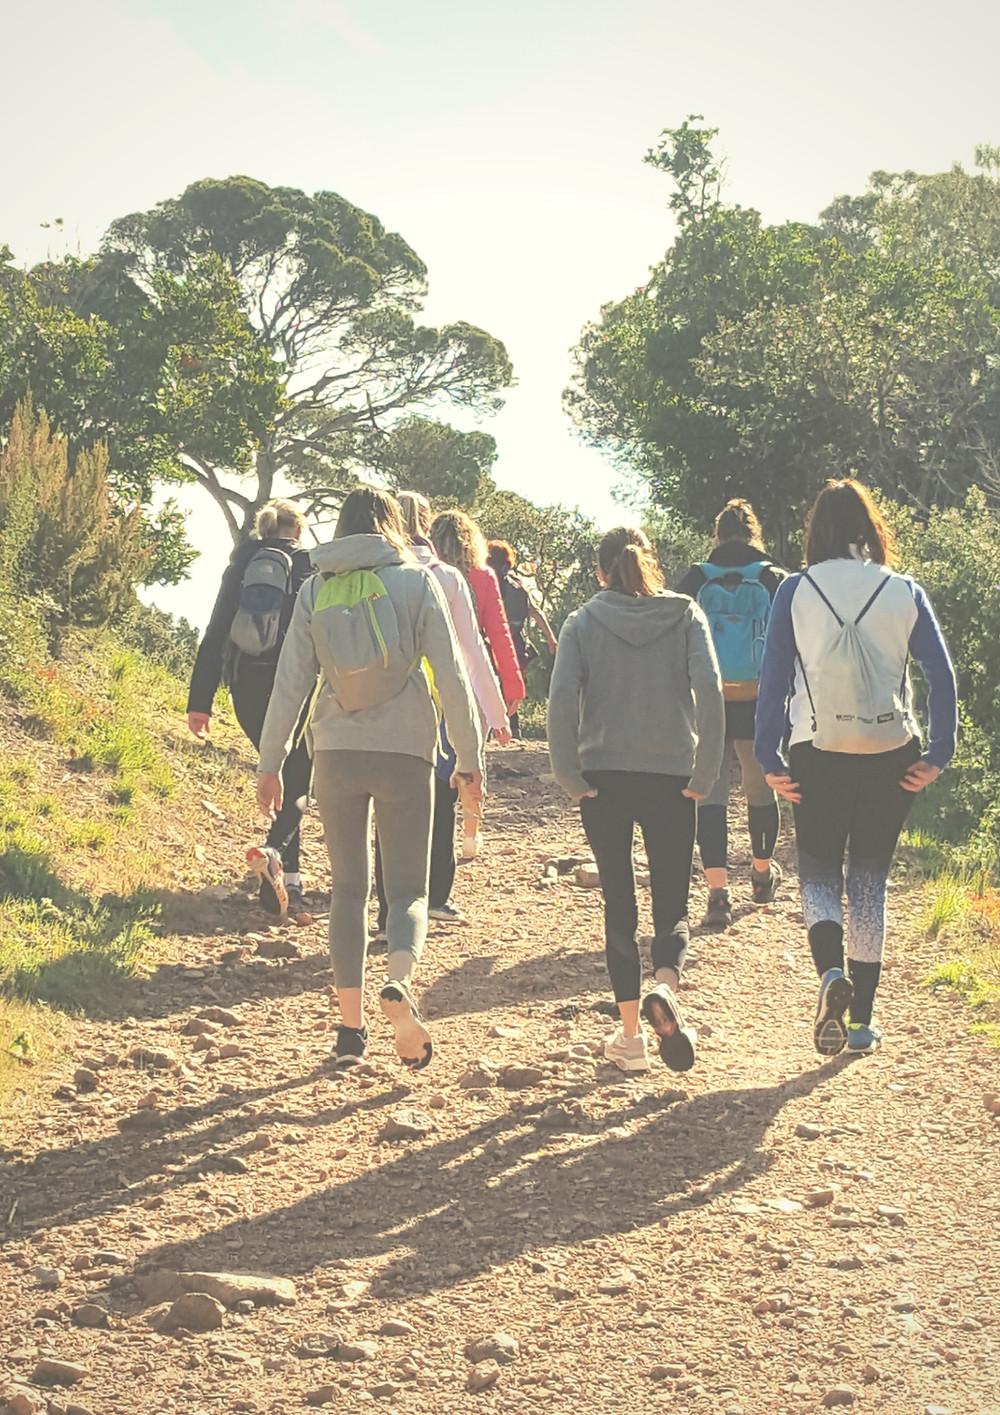 groupe de femmes marchant dans l'esterel